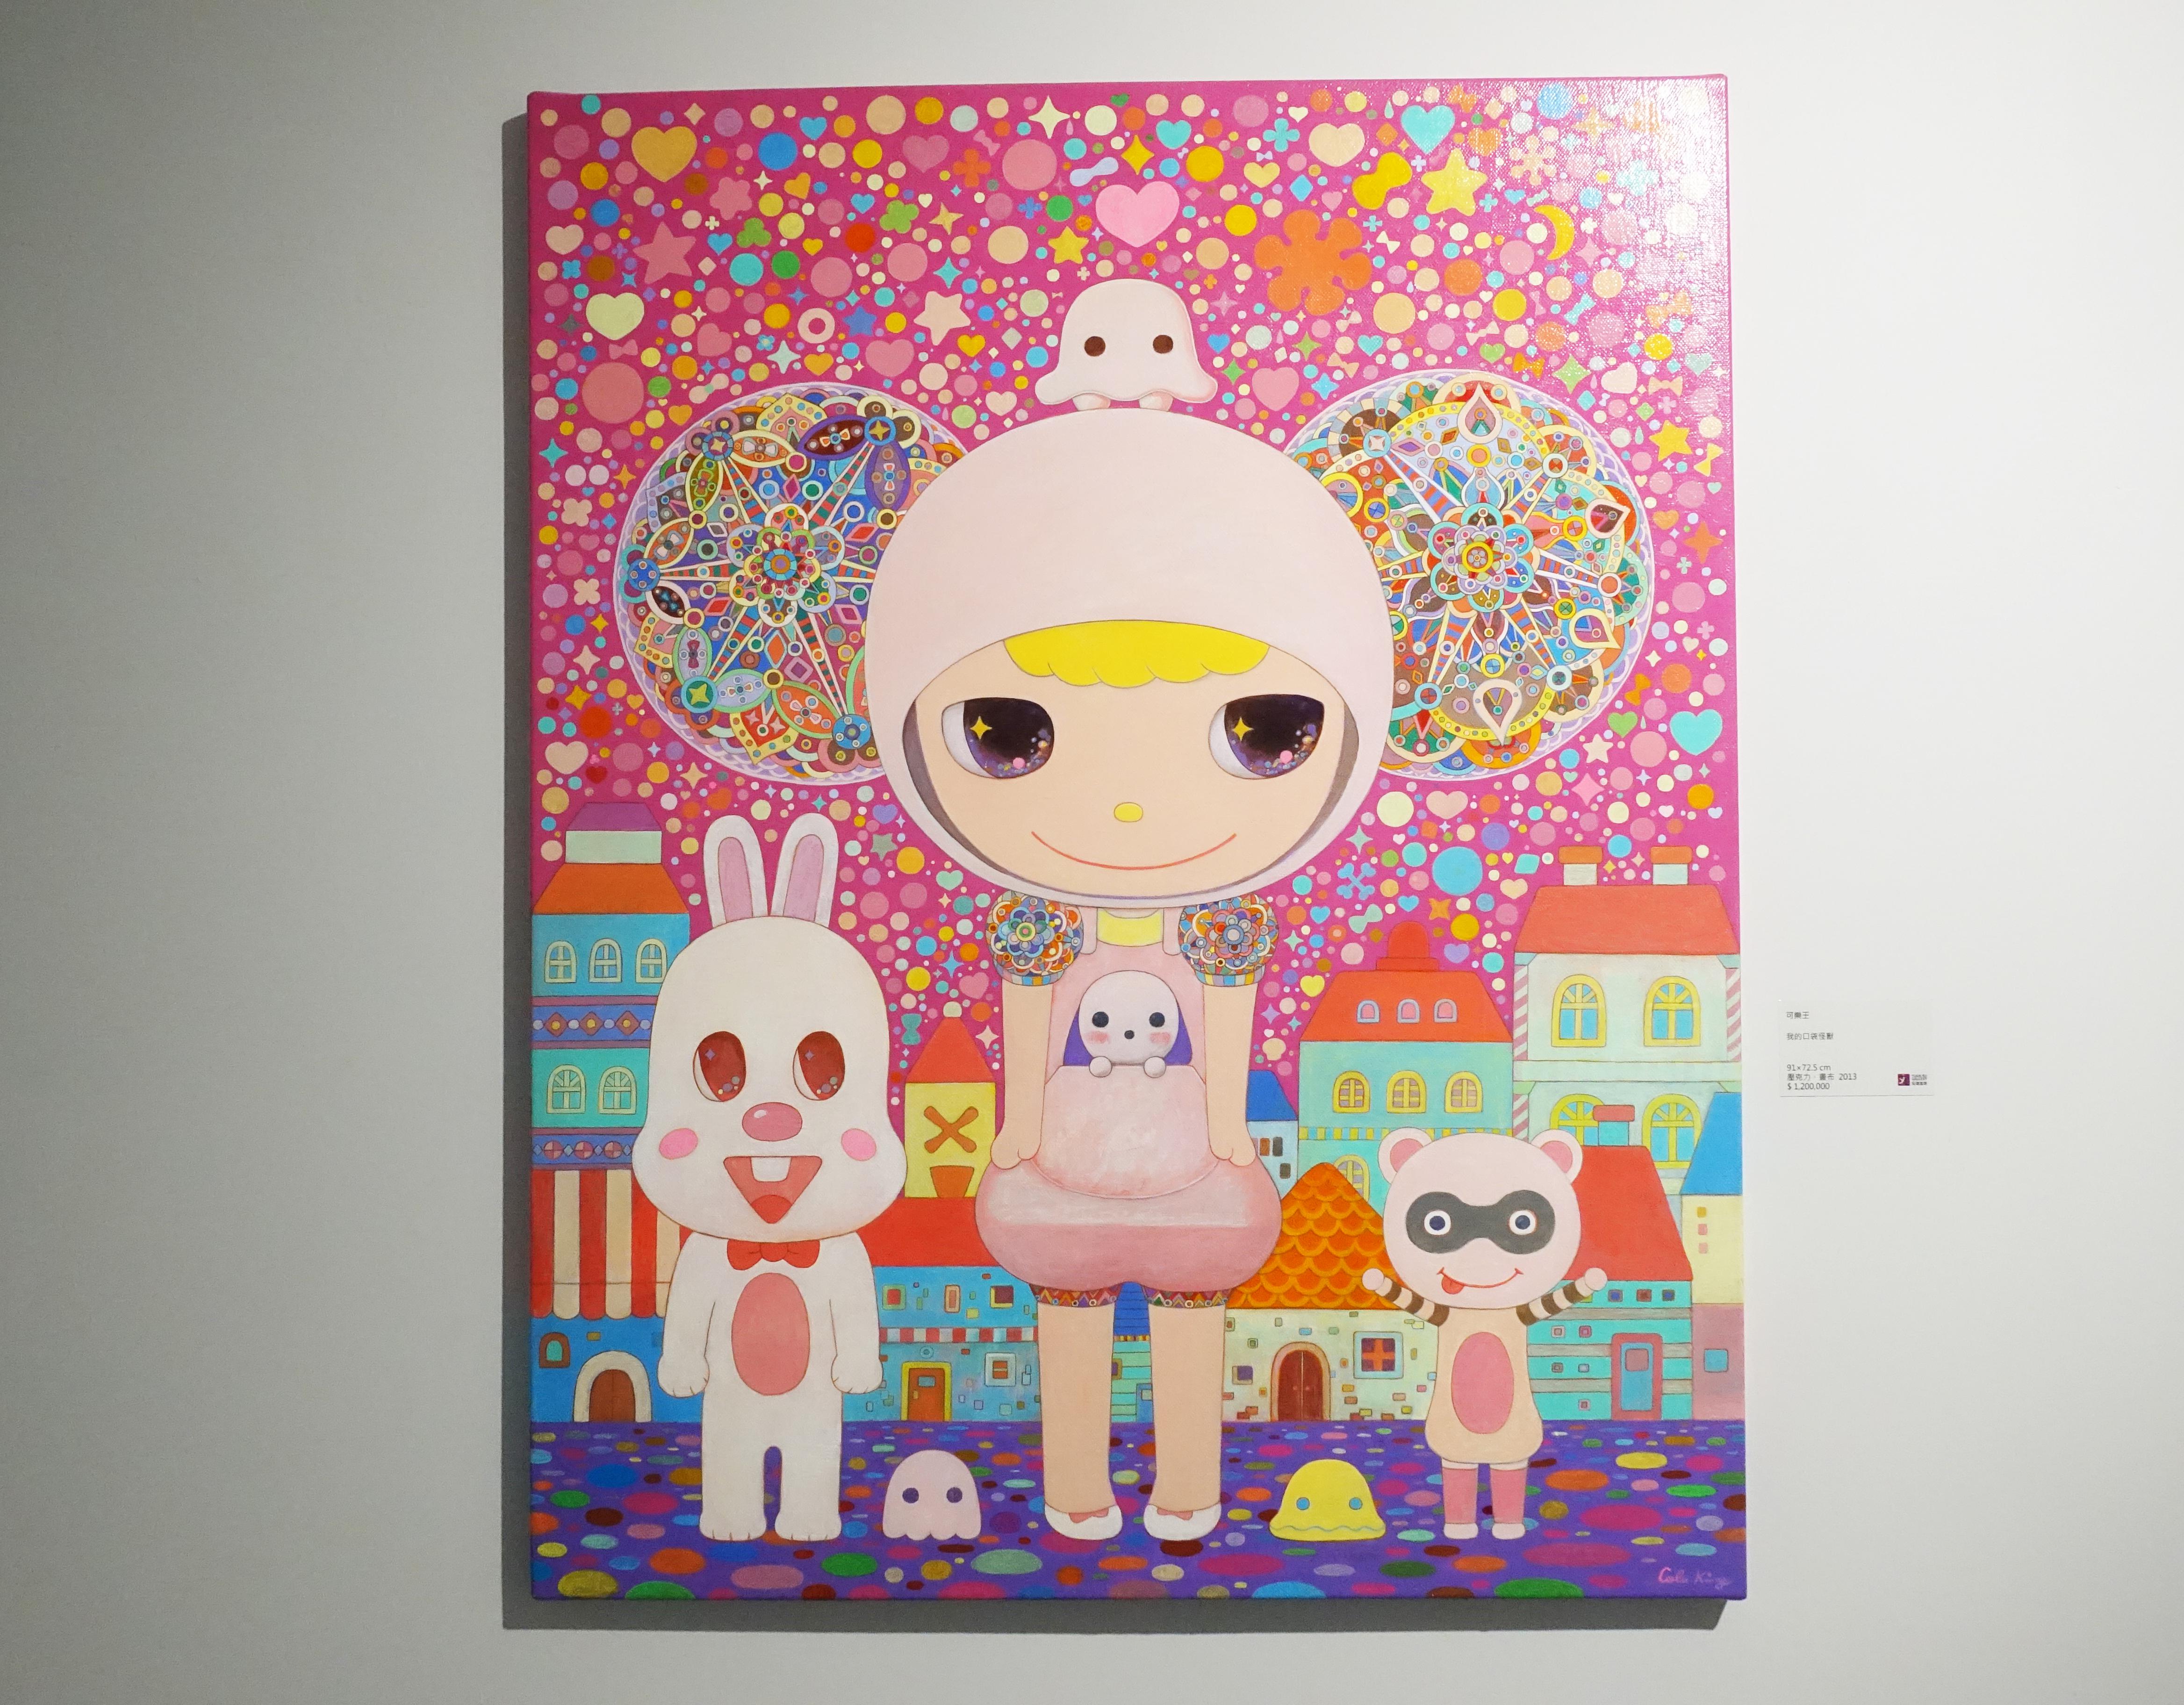 可樂王,《我的口袋怪獸》,91 x 72.5 cm,壓克力、畫布,2013。